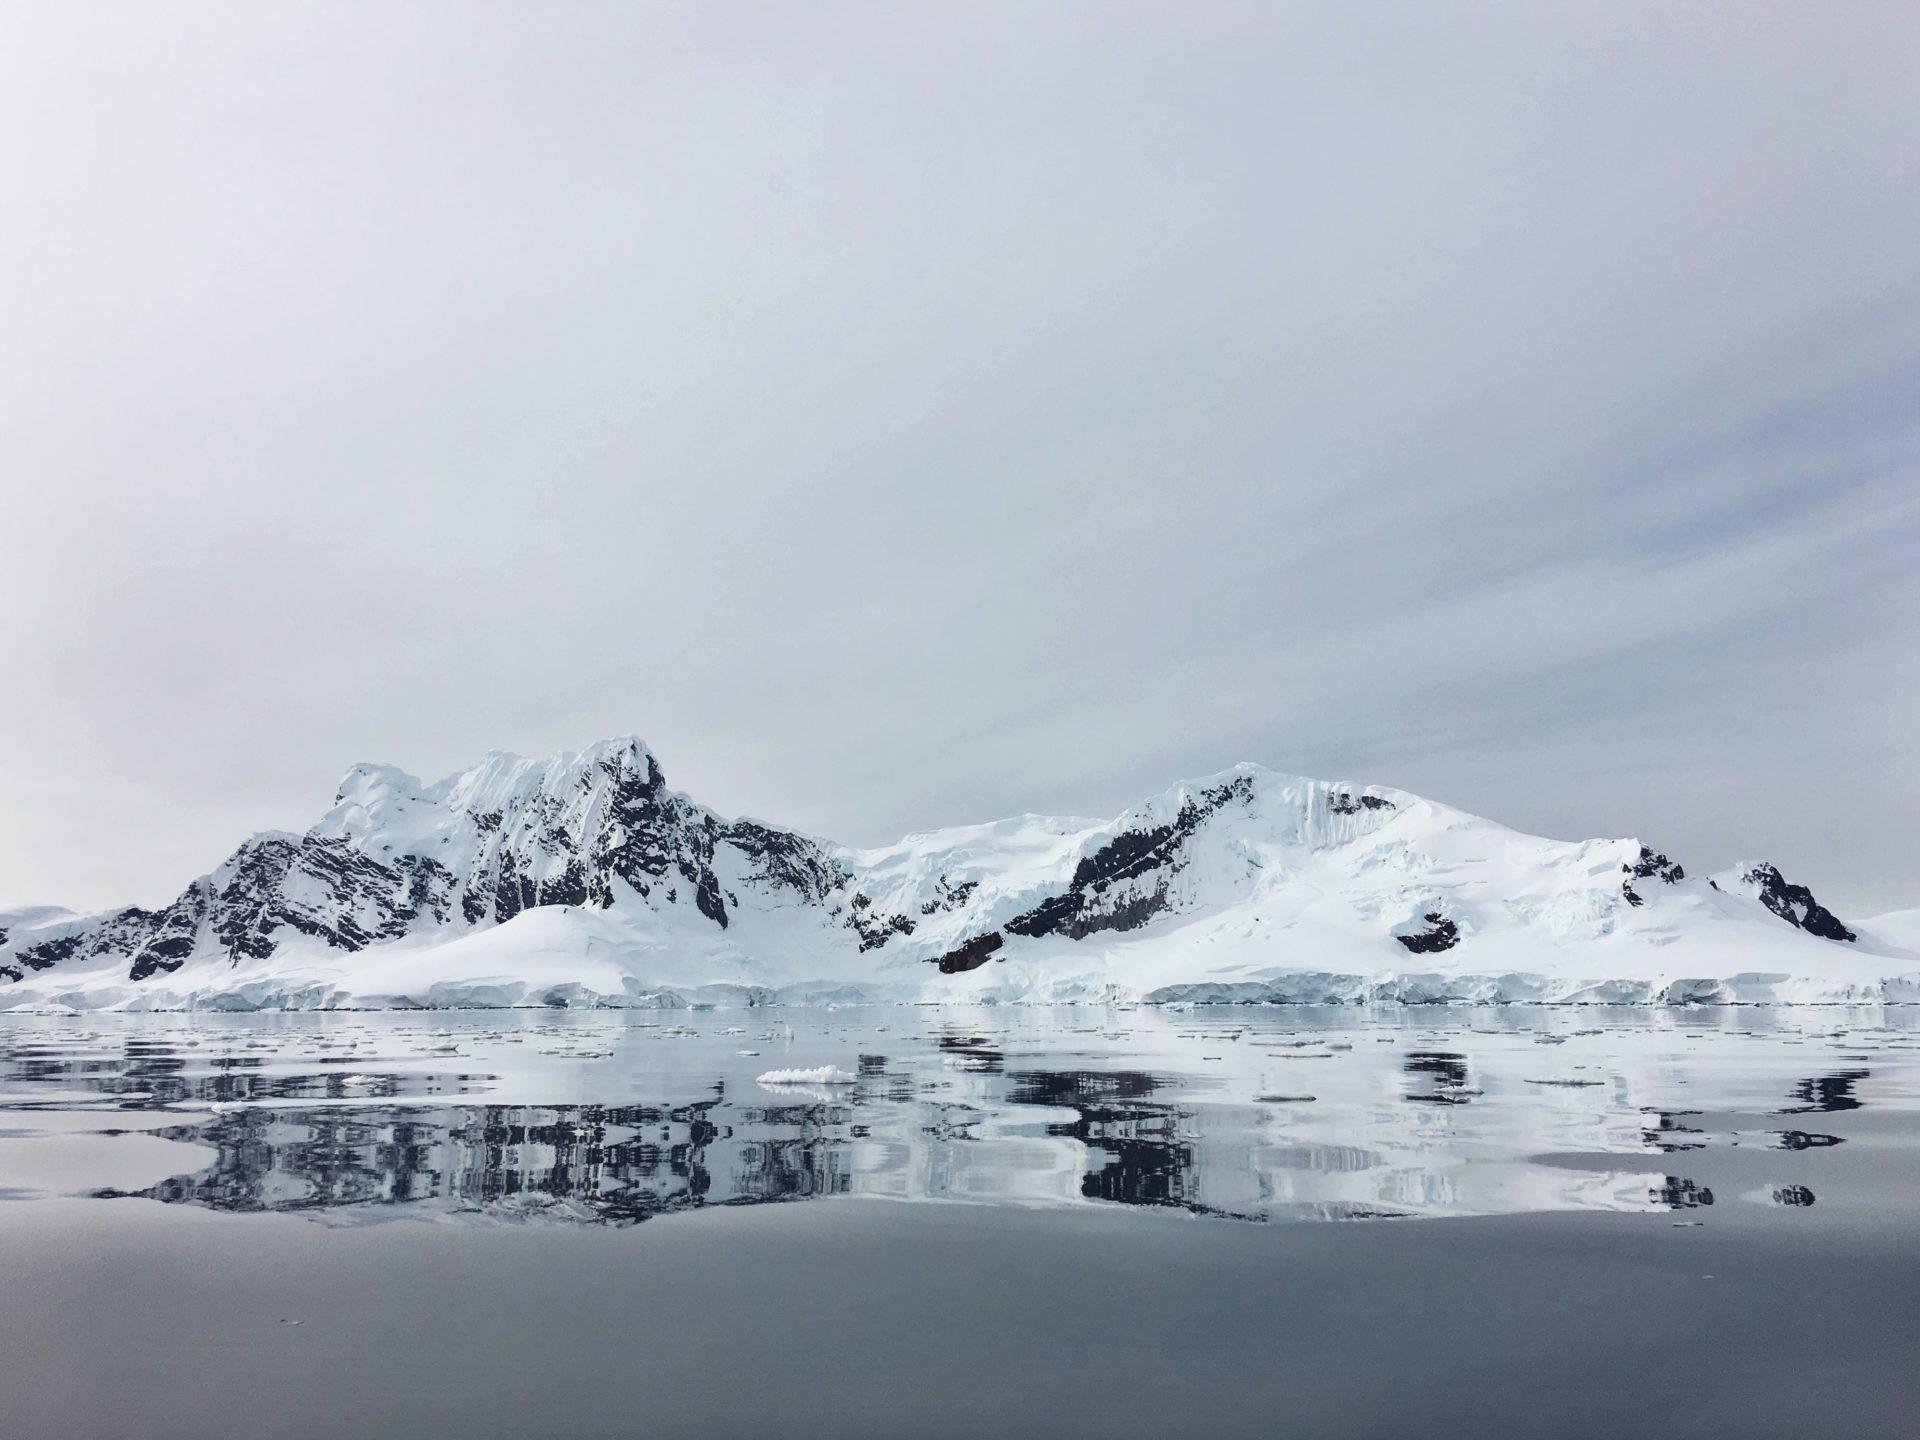 King George Island Penguin Snow- tjb